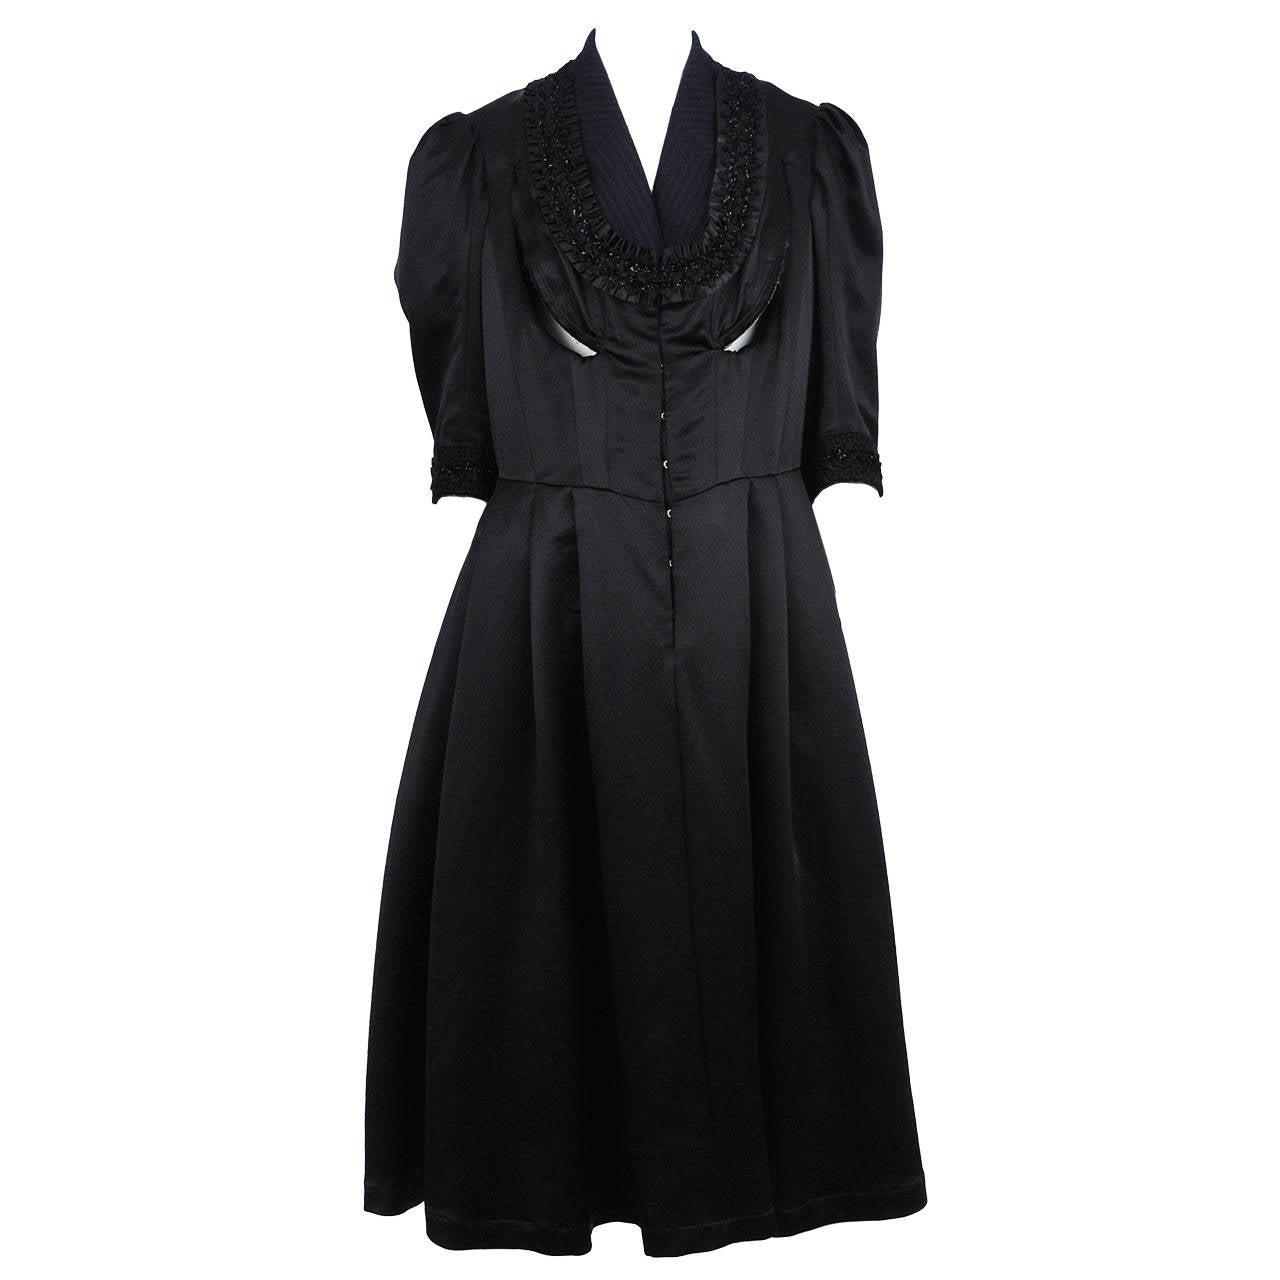 comme des garcons corseted dress at 1stdibs. Black Bedroom Furniture Sets. Home Design Ideas